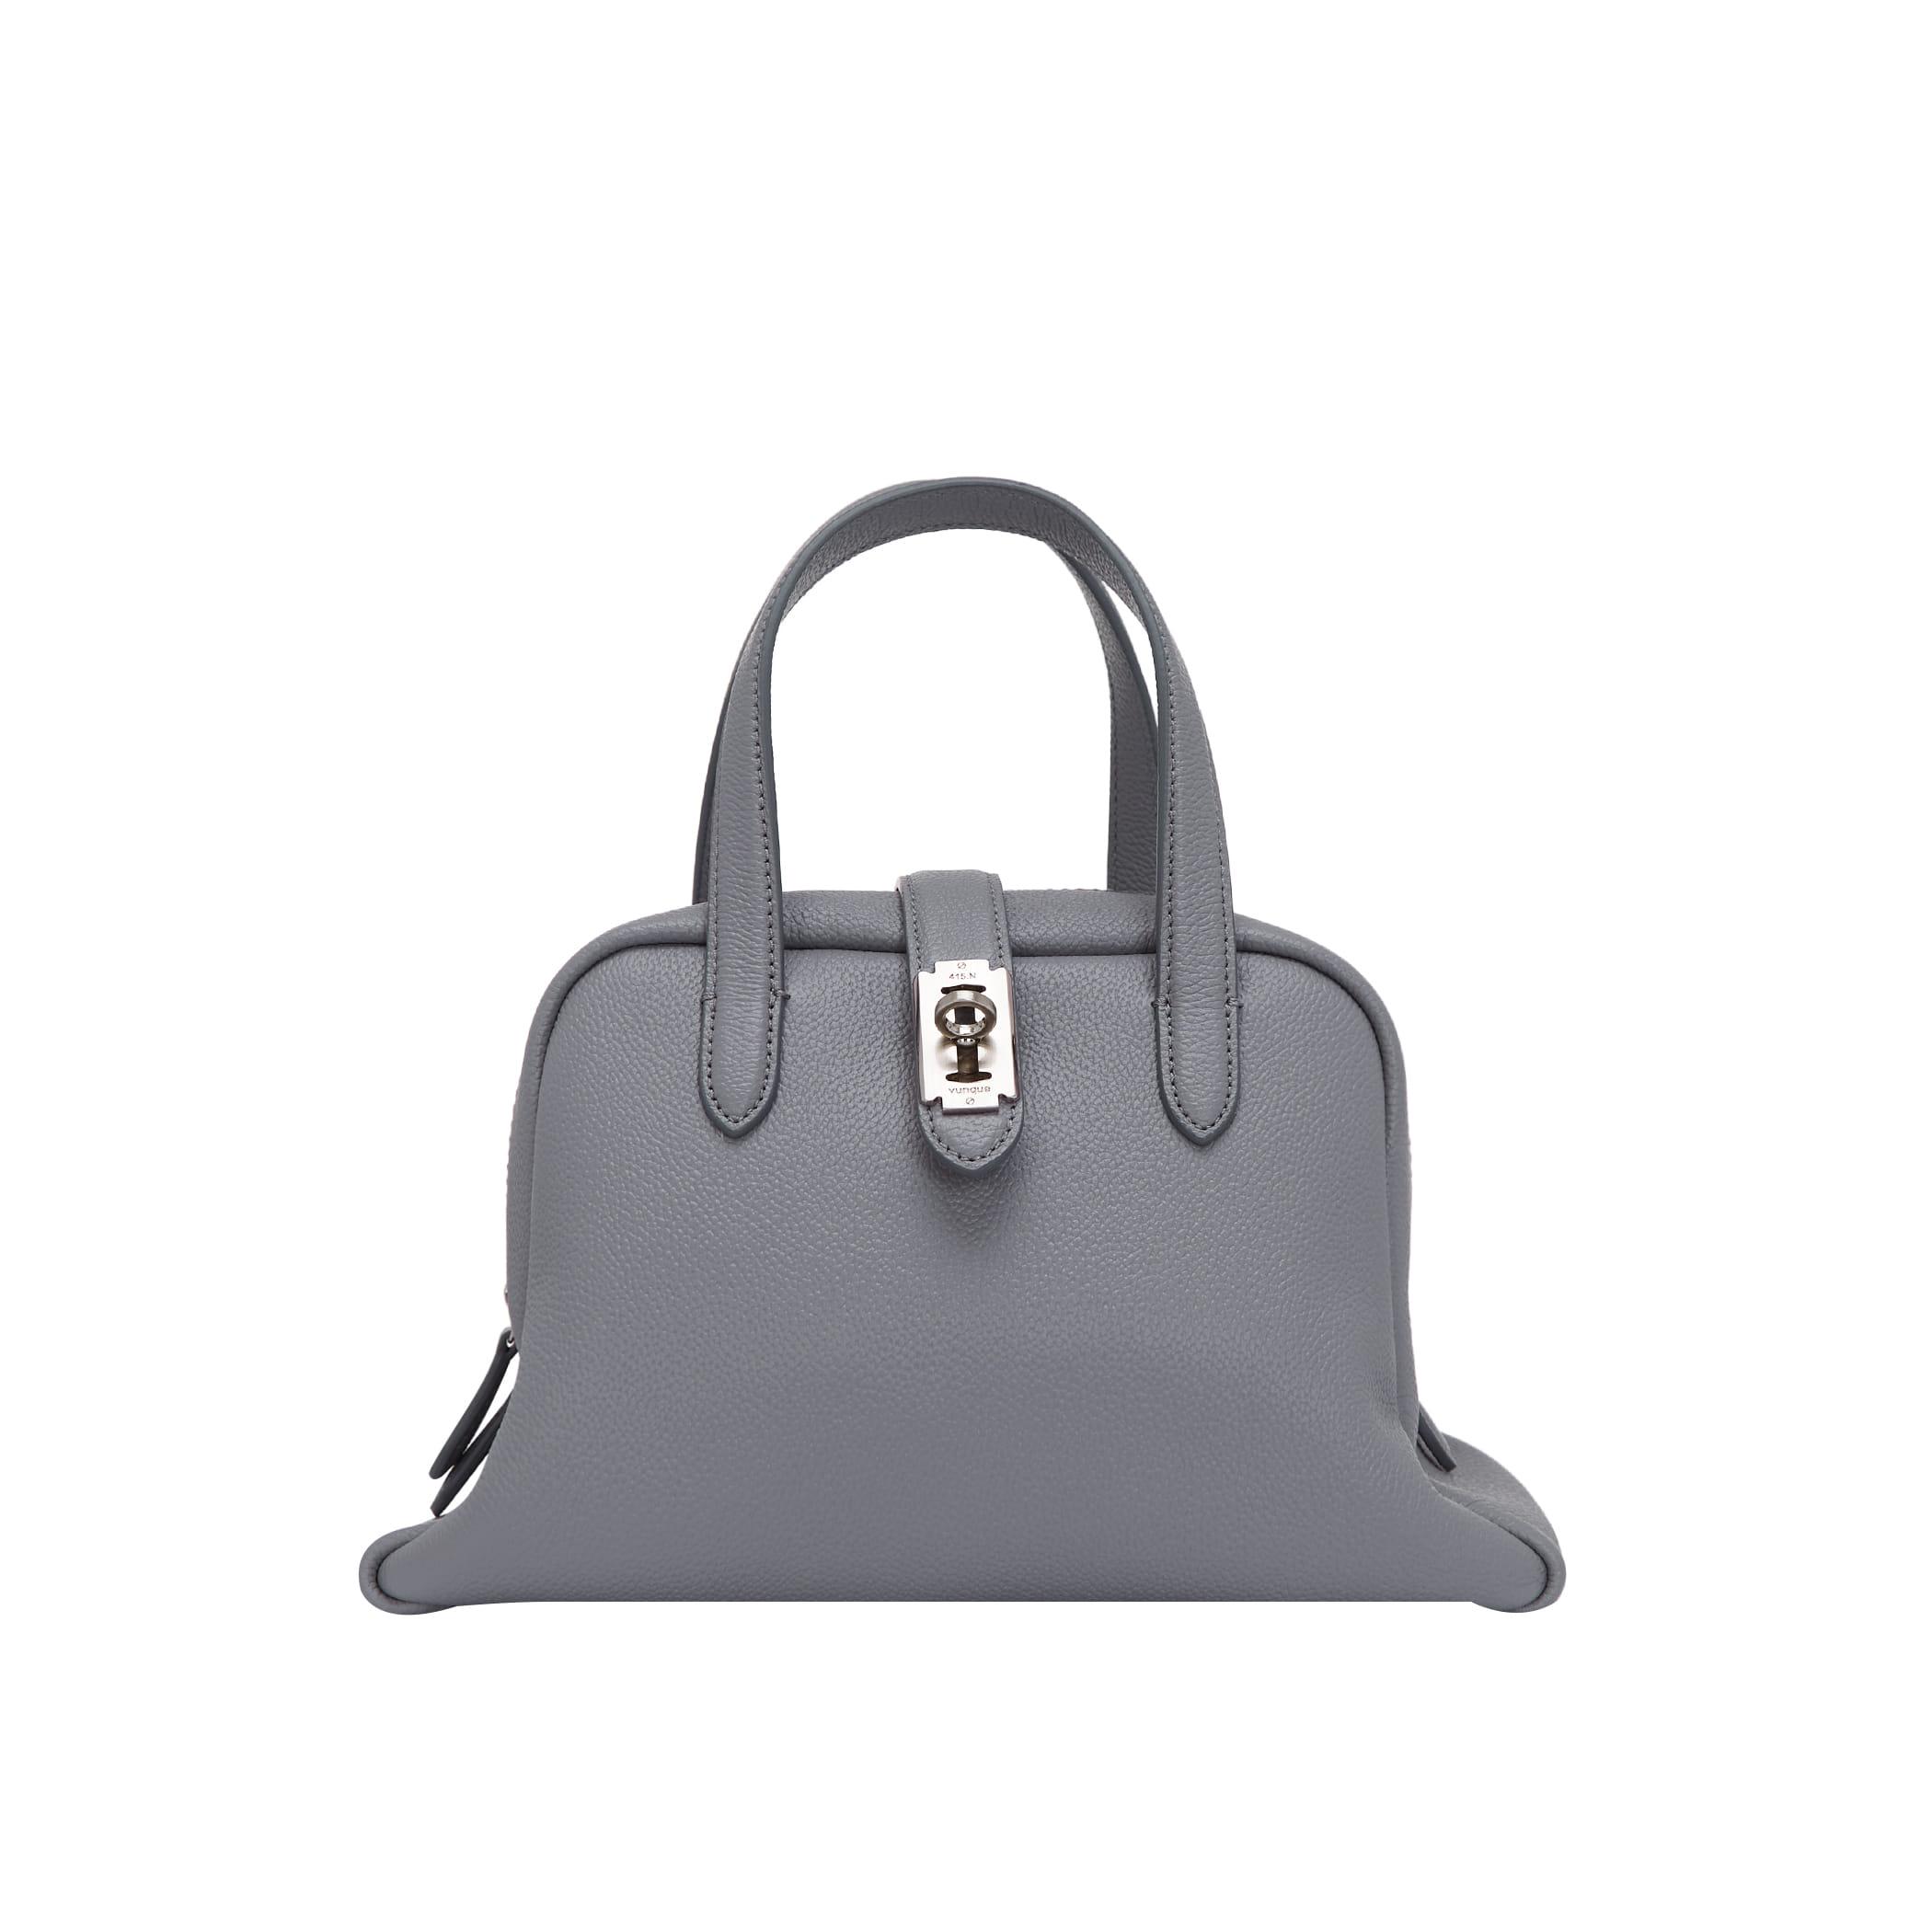 Toque tote S (토크 토트 스몰) Proper grey